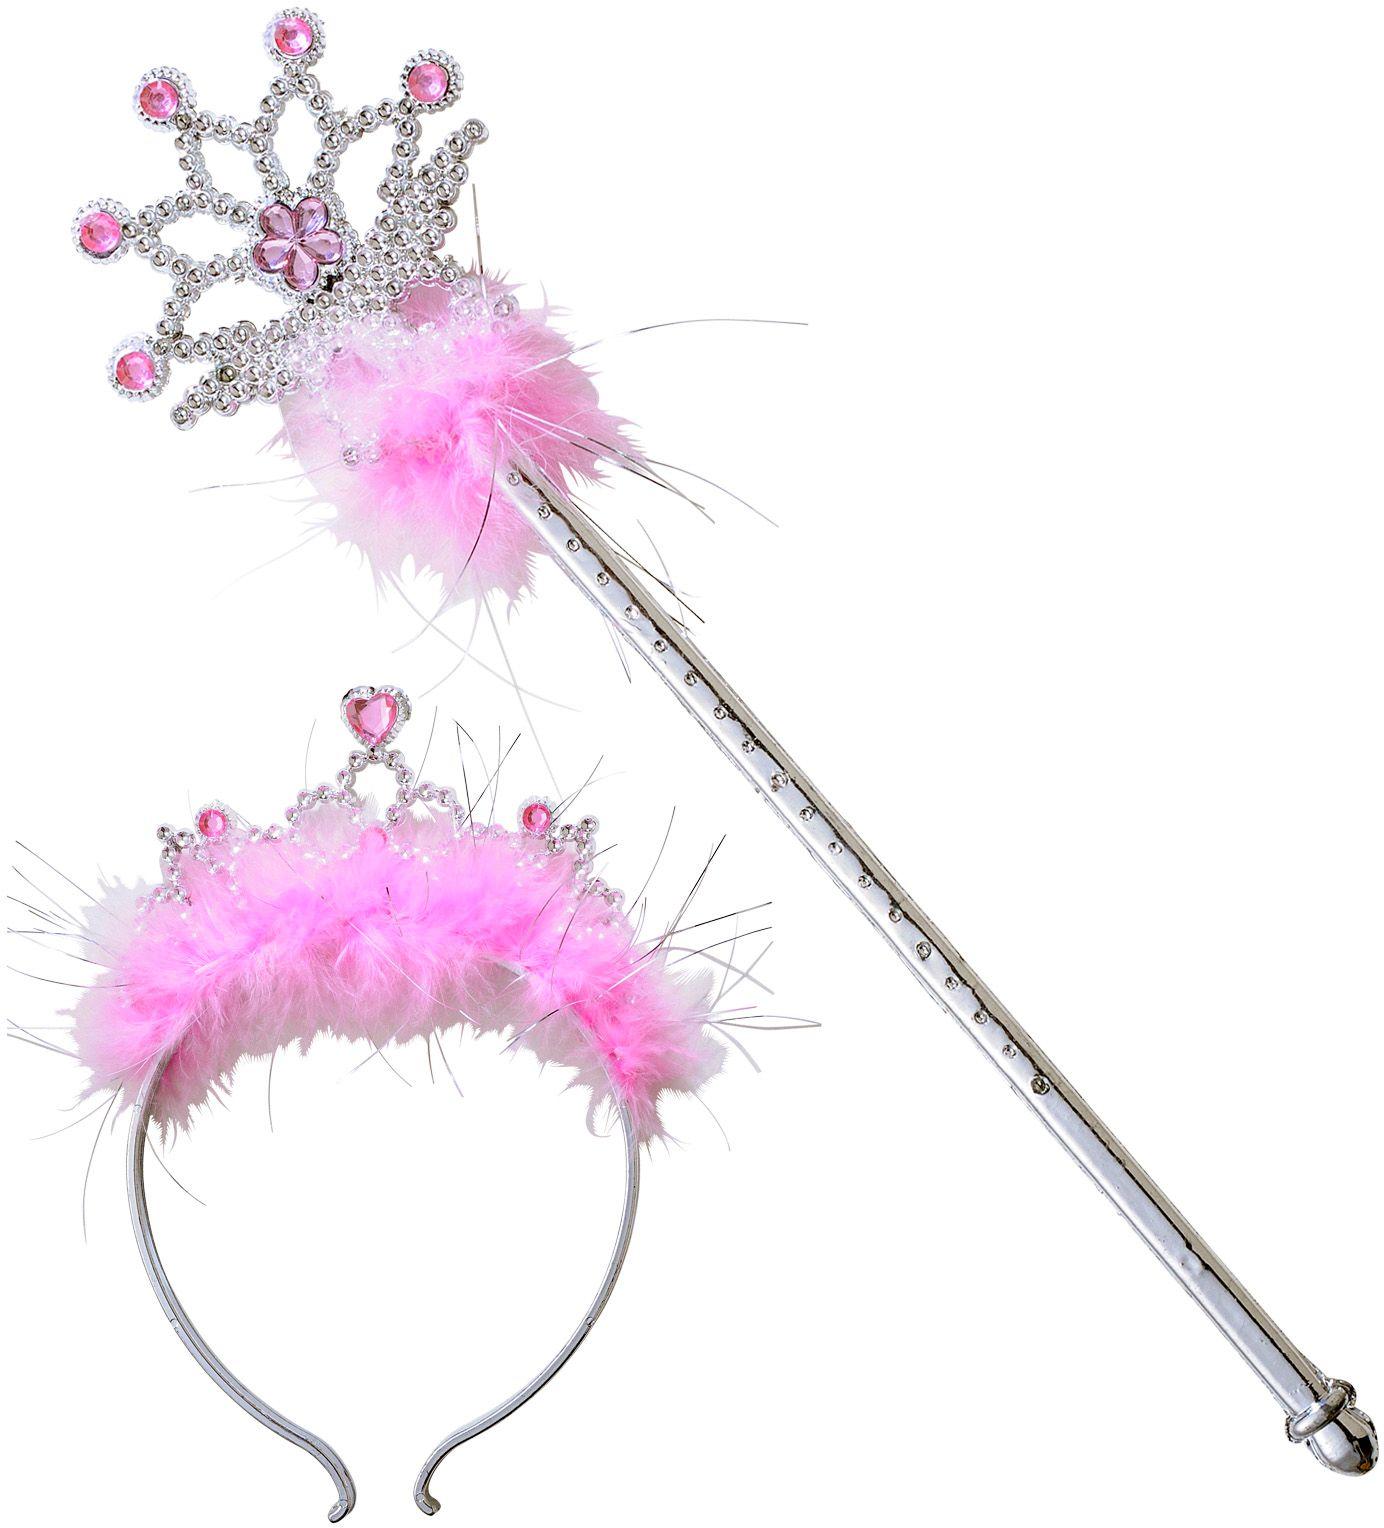 Zilveren tiara en staf met roze juwelen en marabou